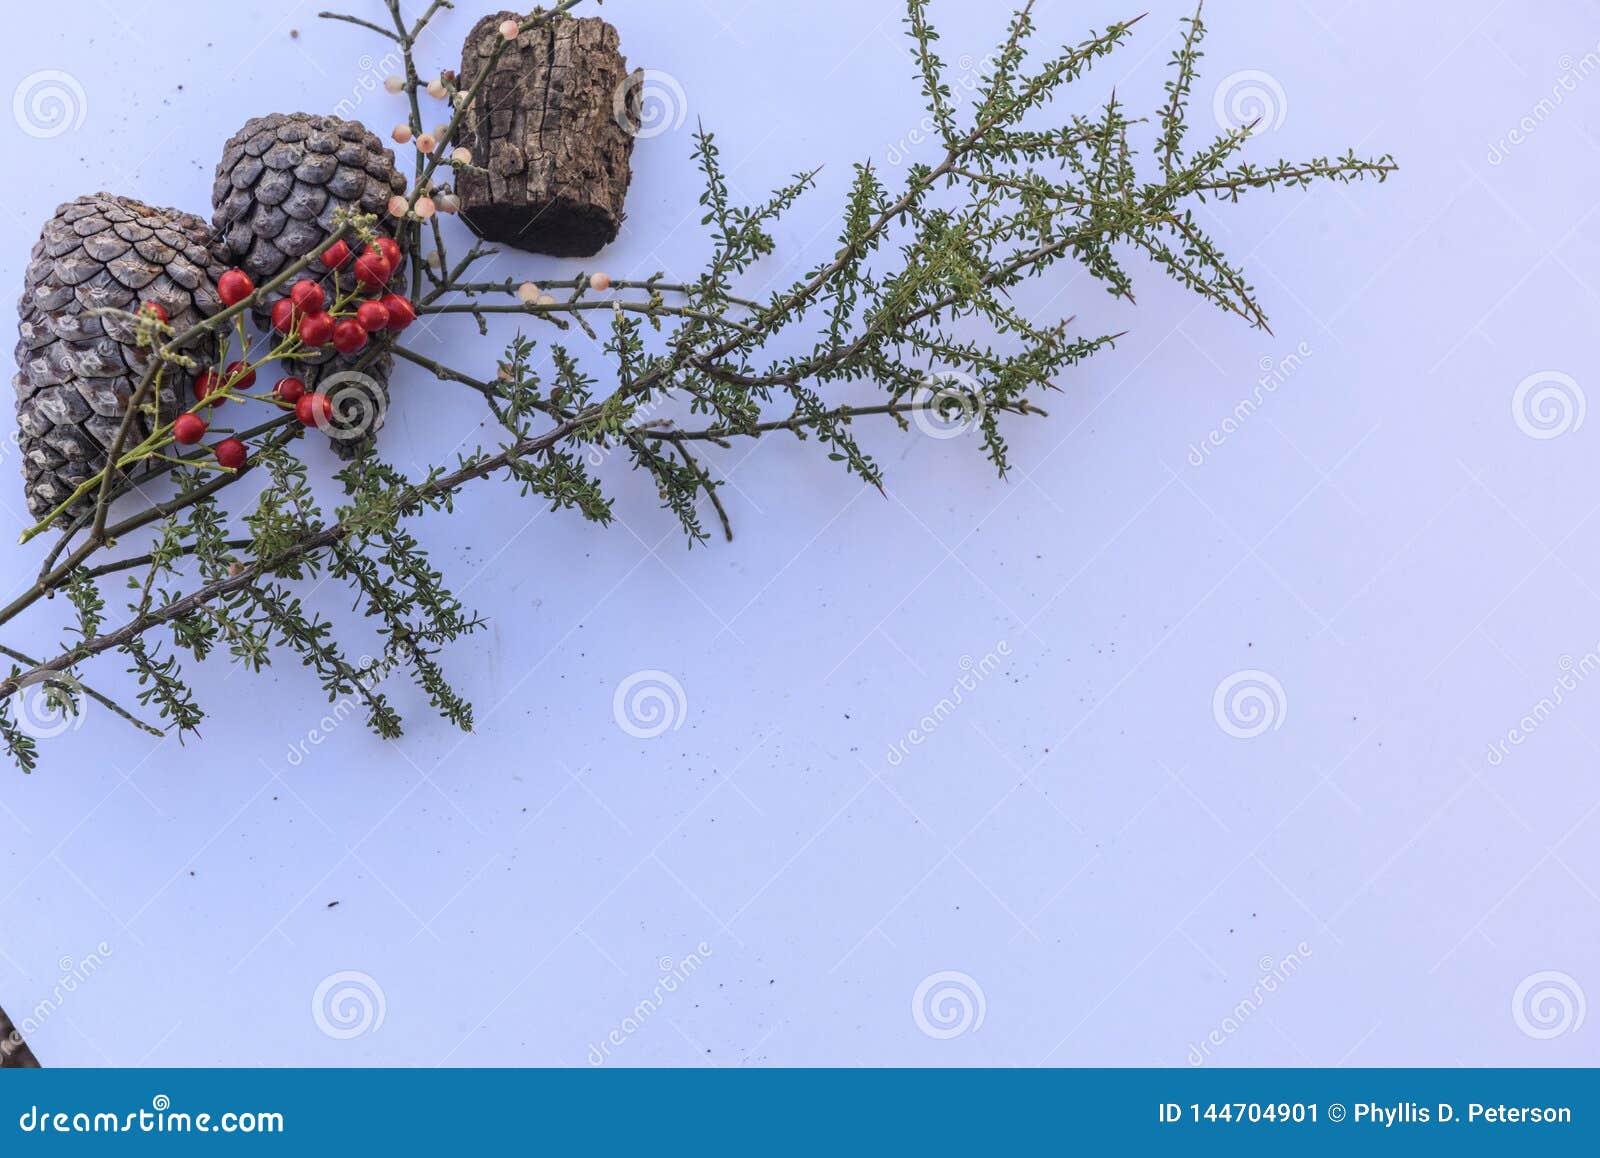 Ботанический натюрморт с pinecones с ягодами